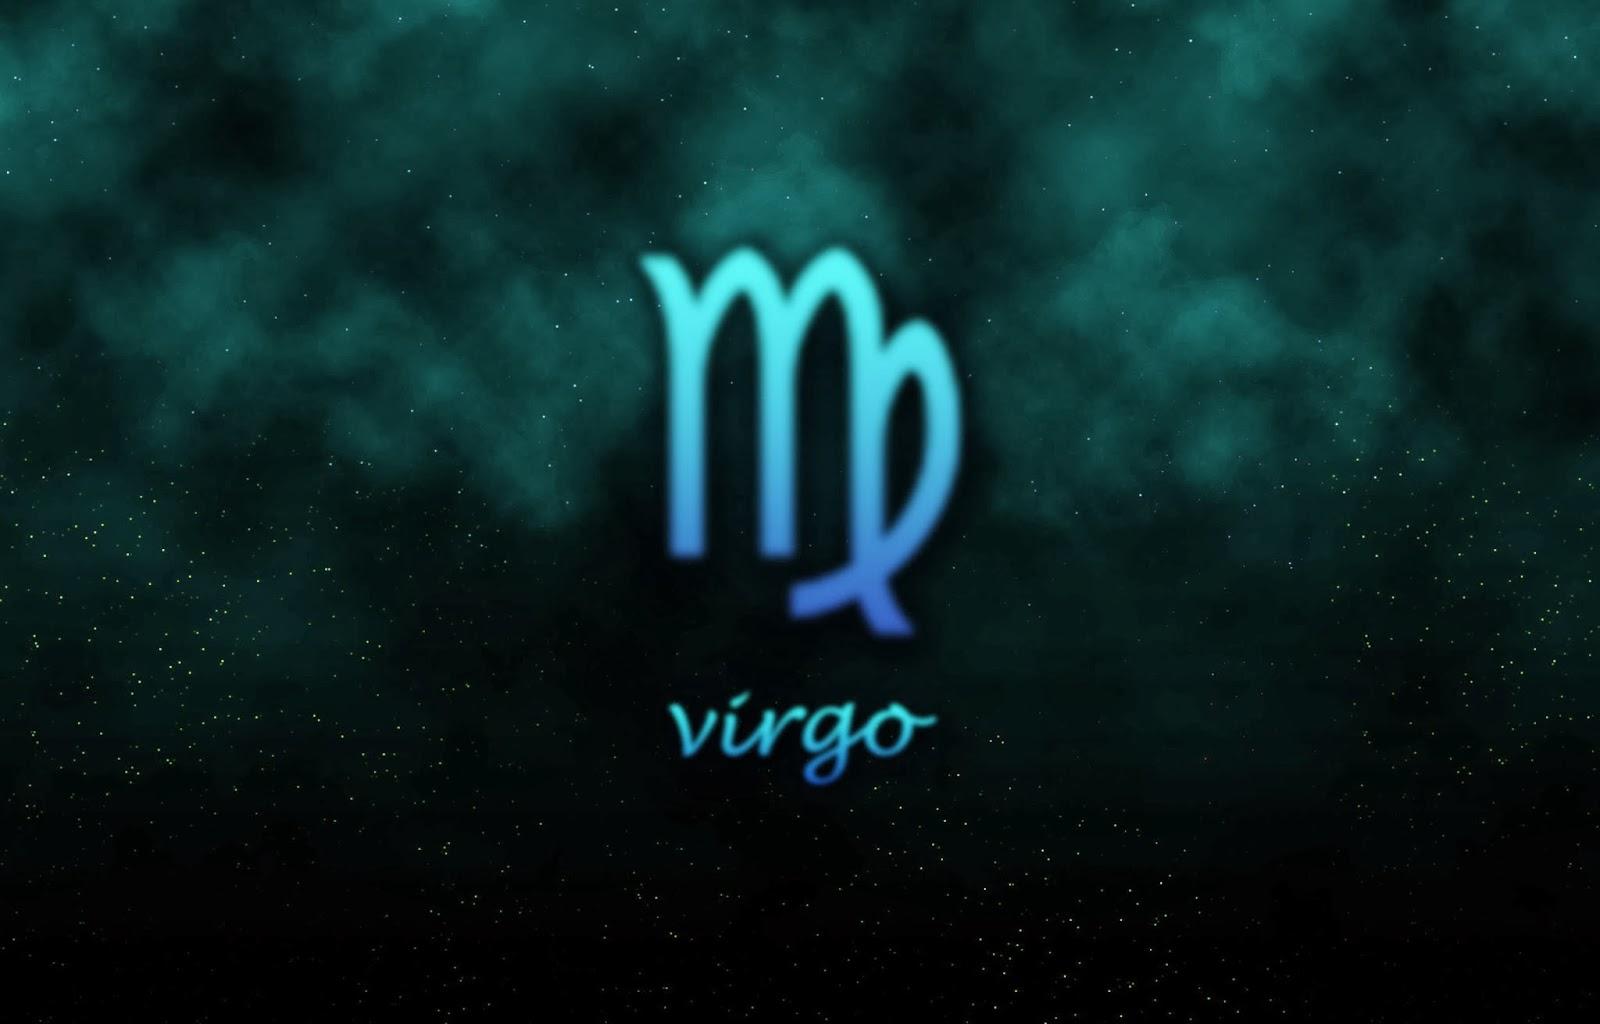 Virtudes y defectos del signo virgo - Como son los virgo ...